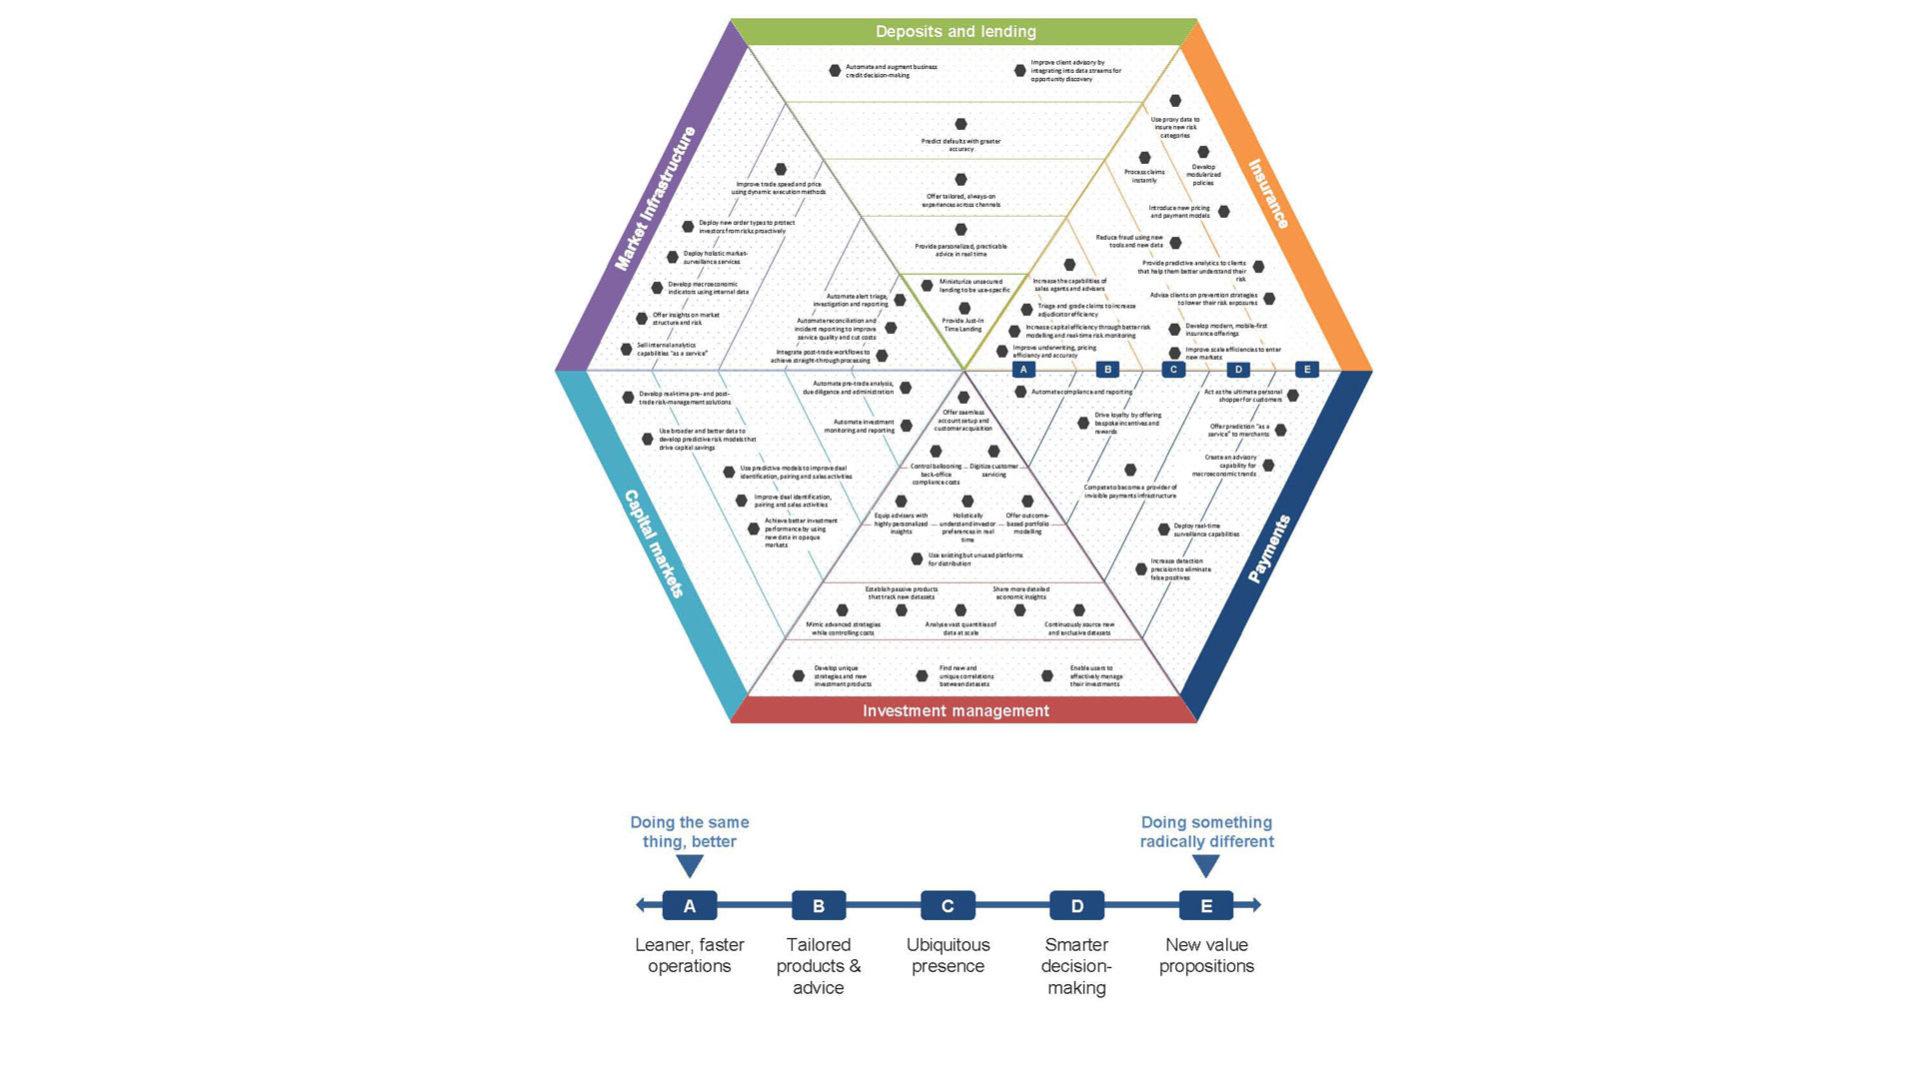 Schema che mostra i 6 ambiti nei quali sono raggruppati i servizi finanziari e i benefici che possono ottenere dall'adozione di tecnologie di AI